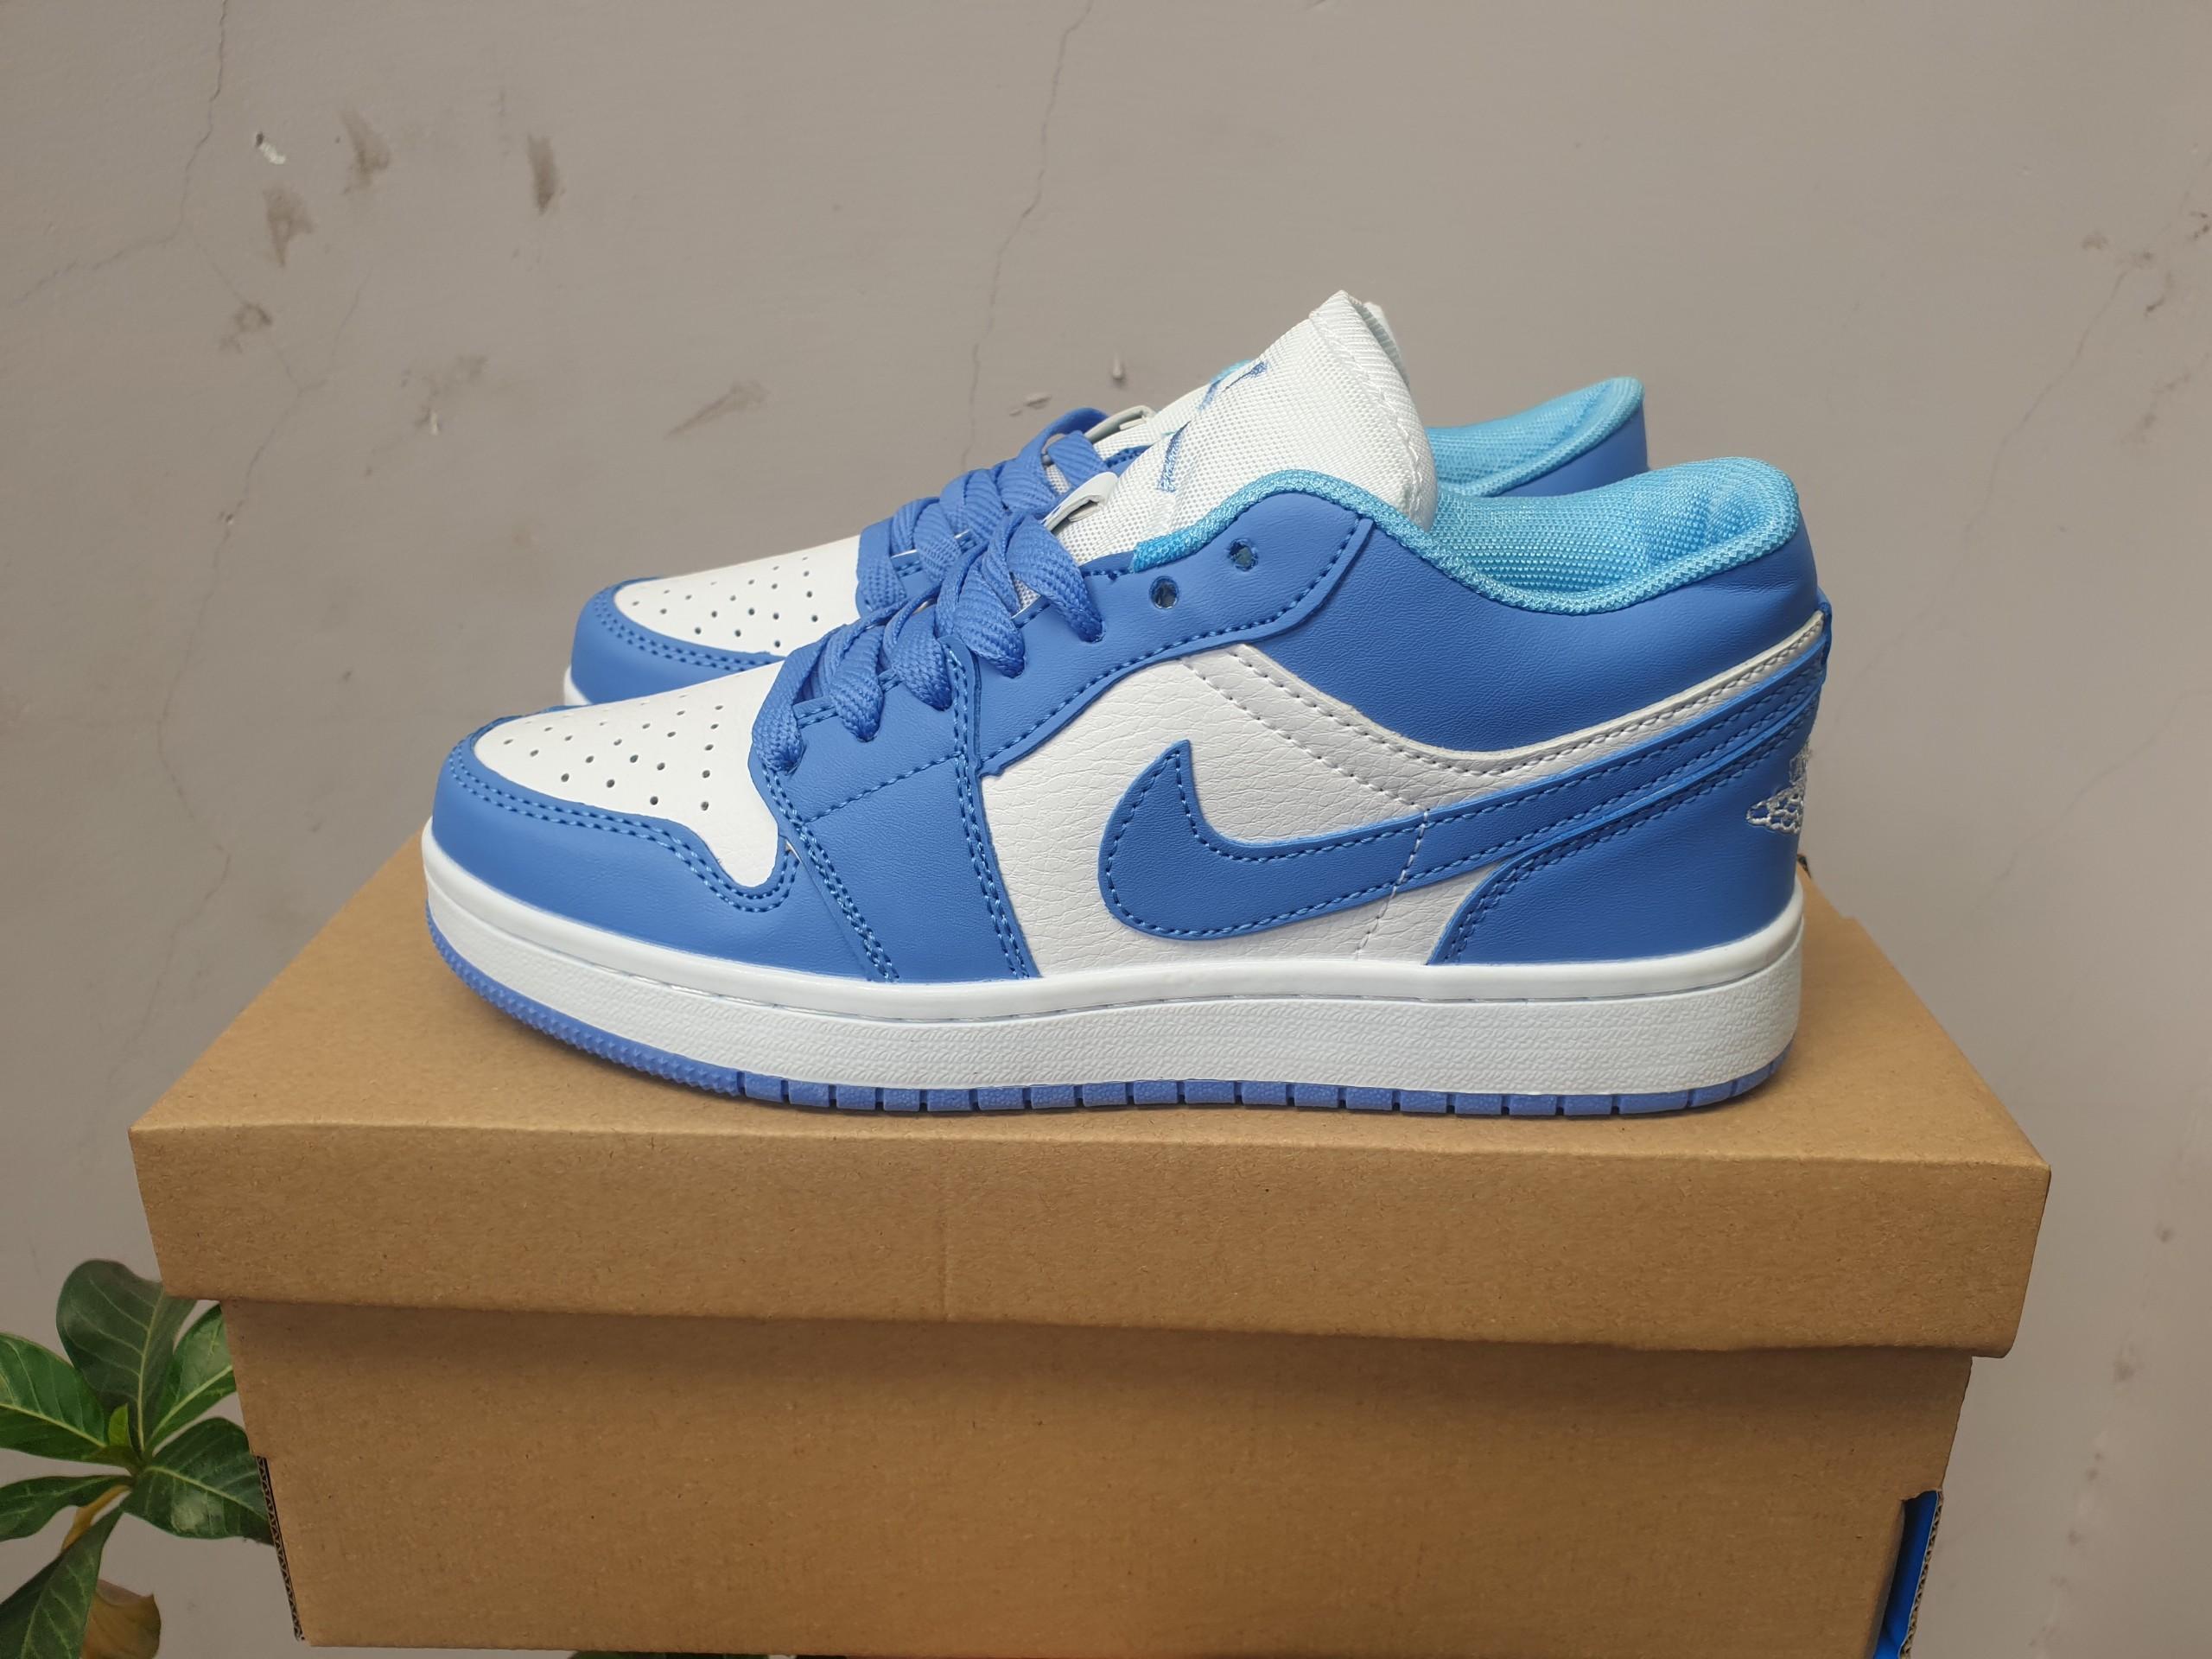 Giày jordan 1 cổ thấp màu xanh dương